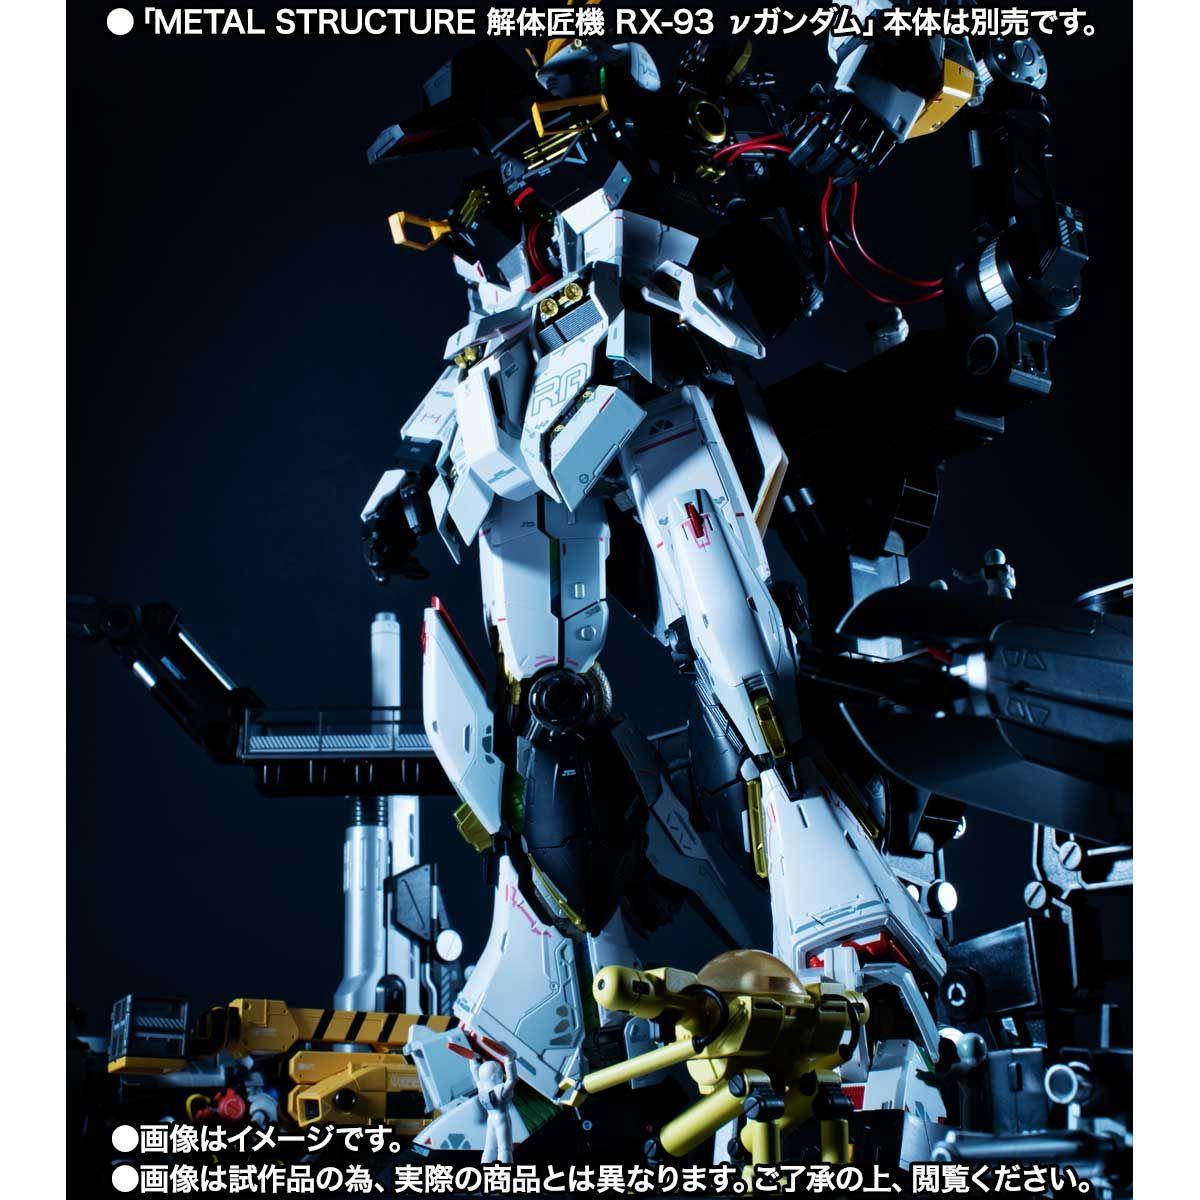 【限定販売】METAL STRUCTURE 解体匠機 RX-93 νガンダム専用オプションパーツ『ロンド・ベルエンジニアズ』セット-006